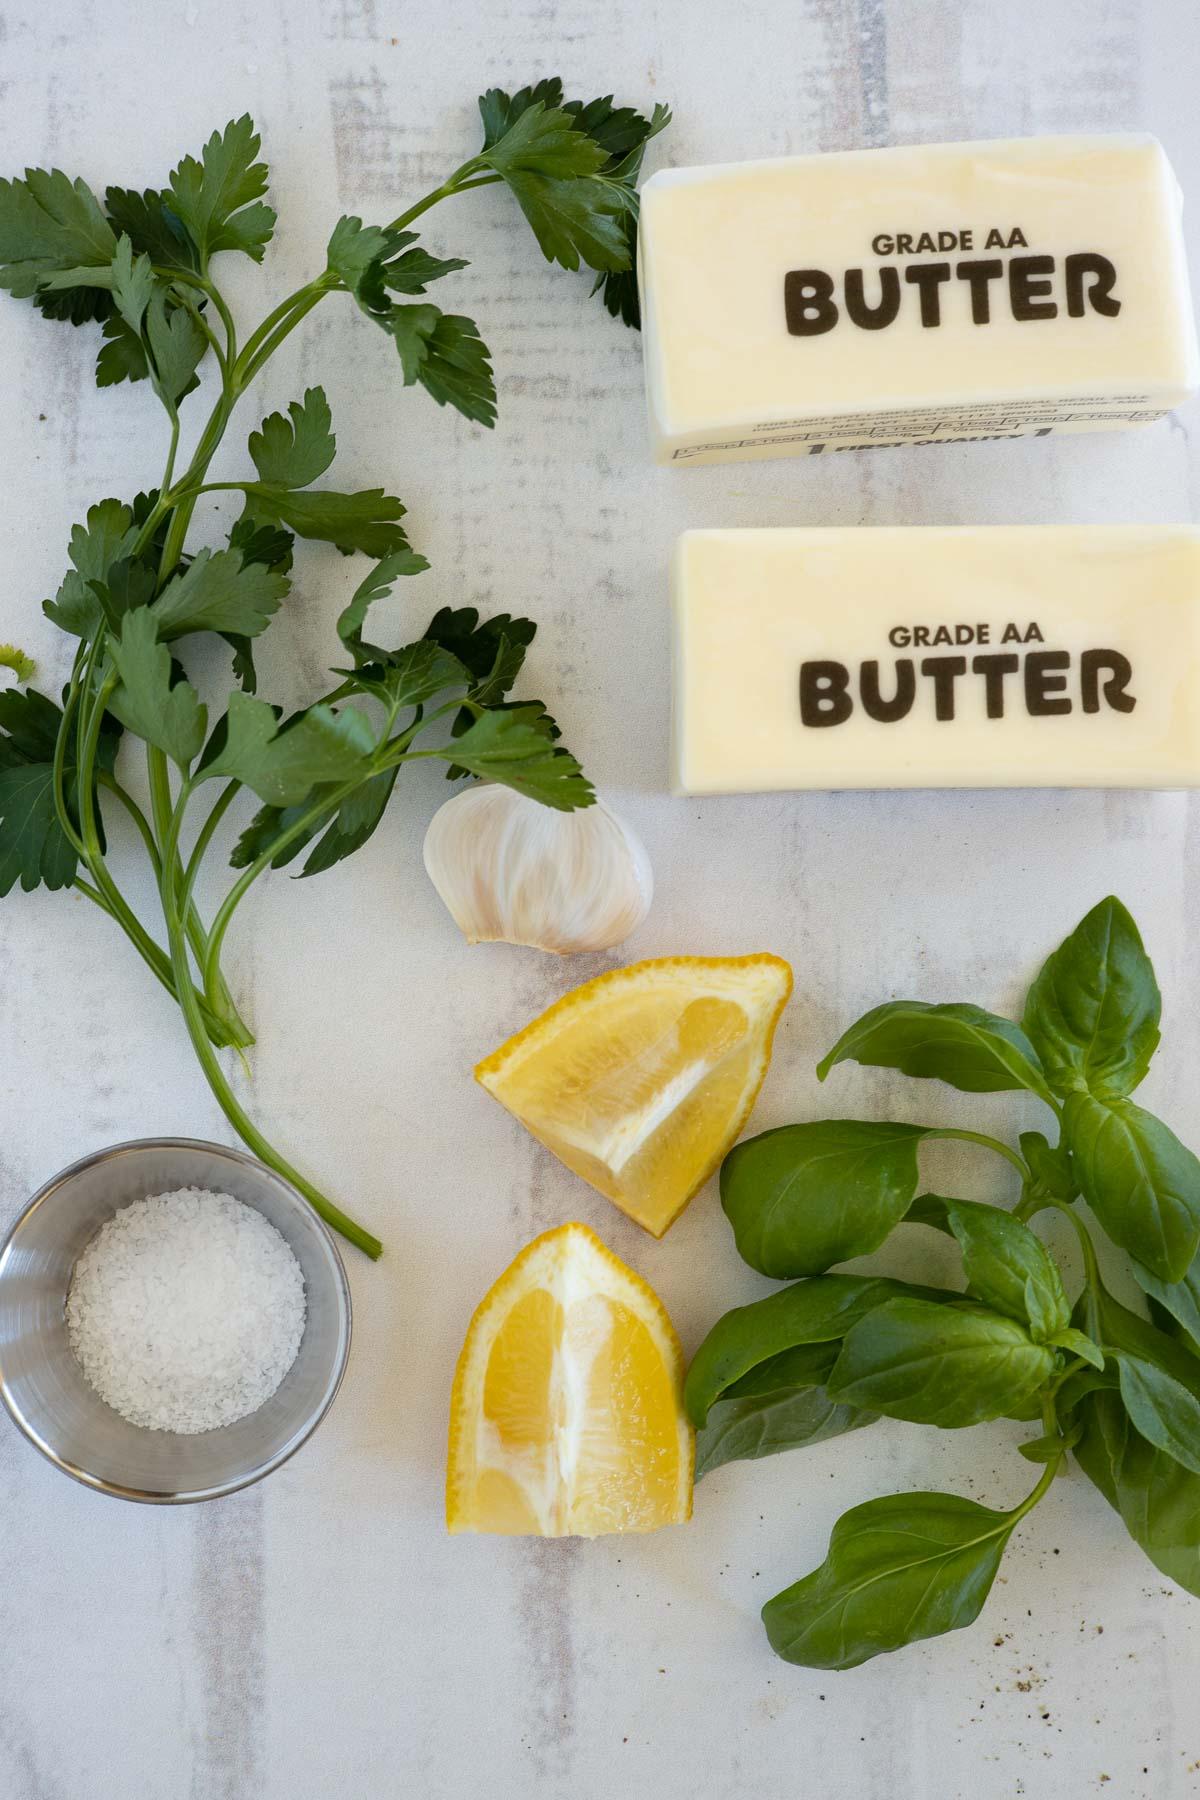 Ingredients to make garlic herb butter.